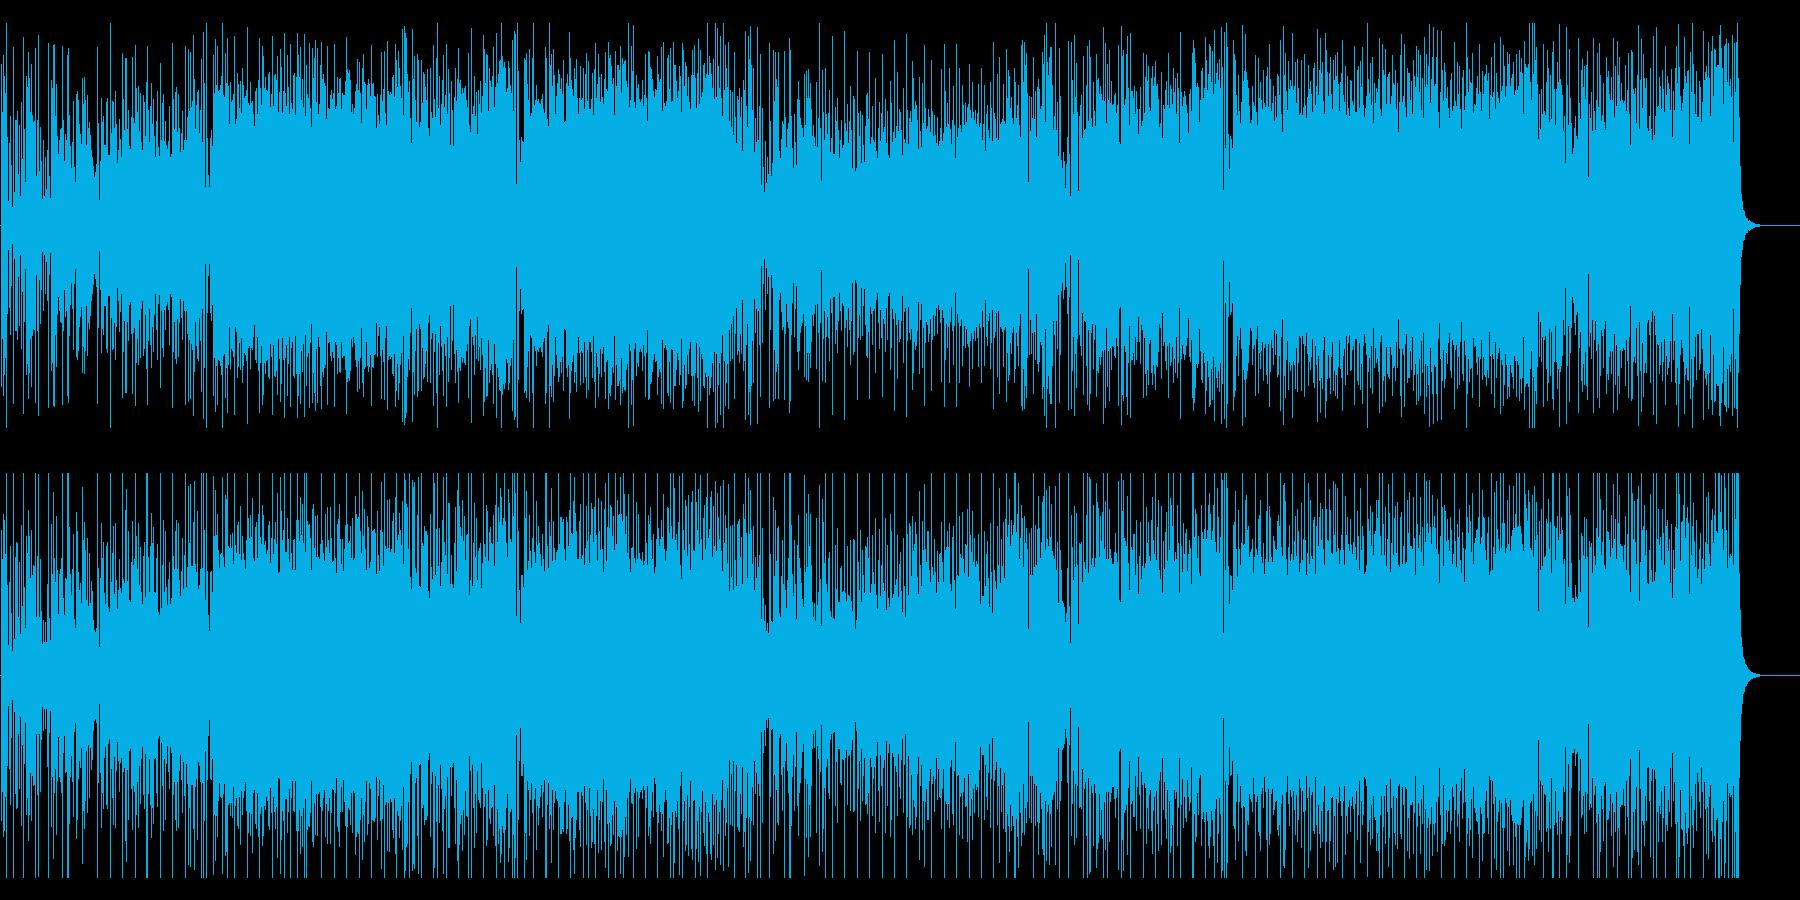 前進 躍動 軽快 海 情報 報道の再生済みの波形